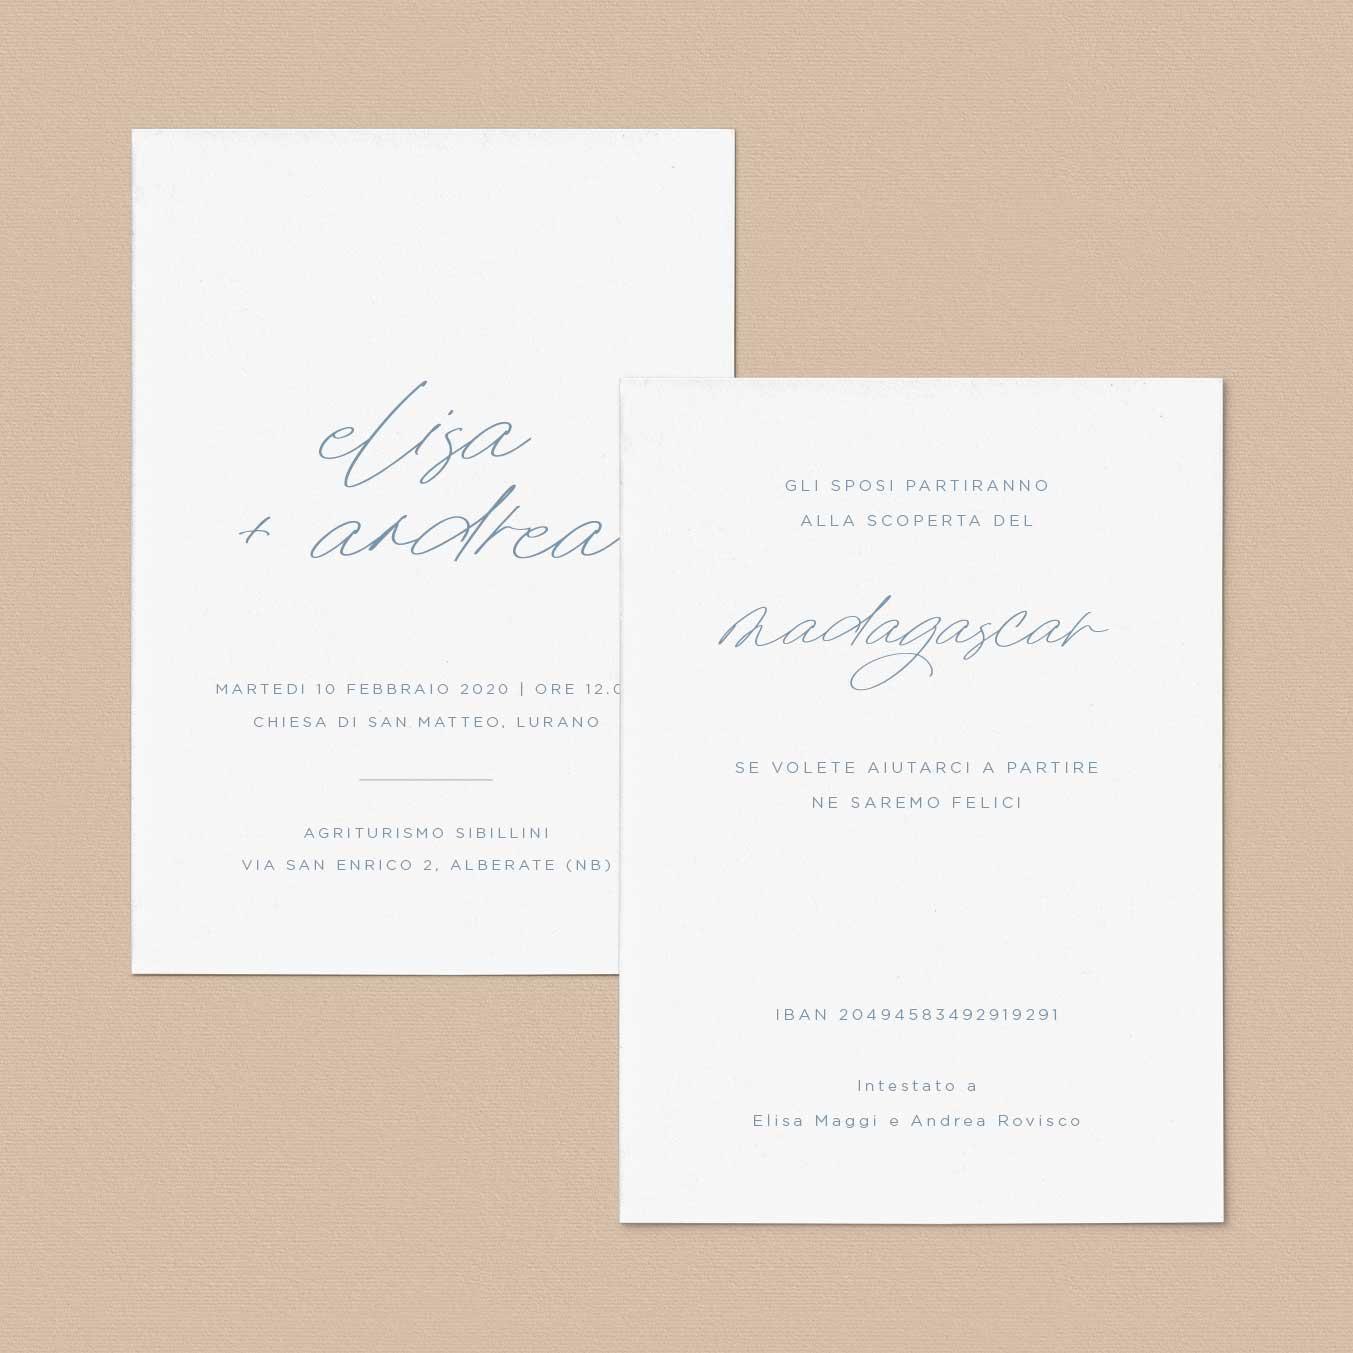 Inviti-partecipazioni-2020-scritte-a-mano-moderno-calligrafico-esempi-modelli-catalogo-blu-azzurro--total-white-semplice